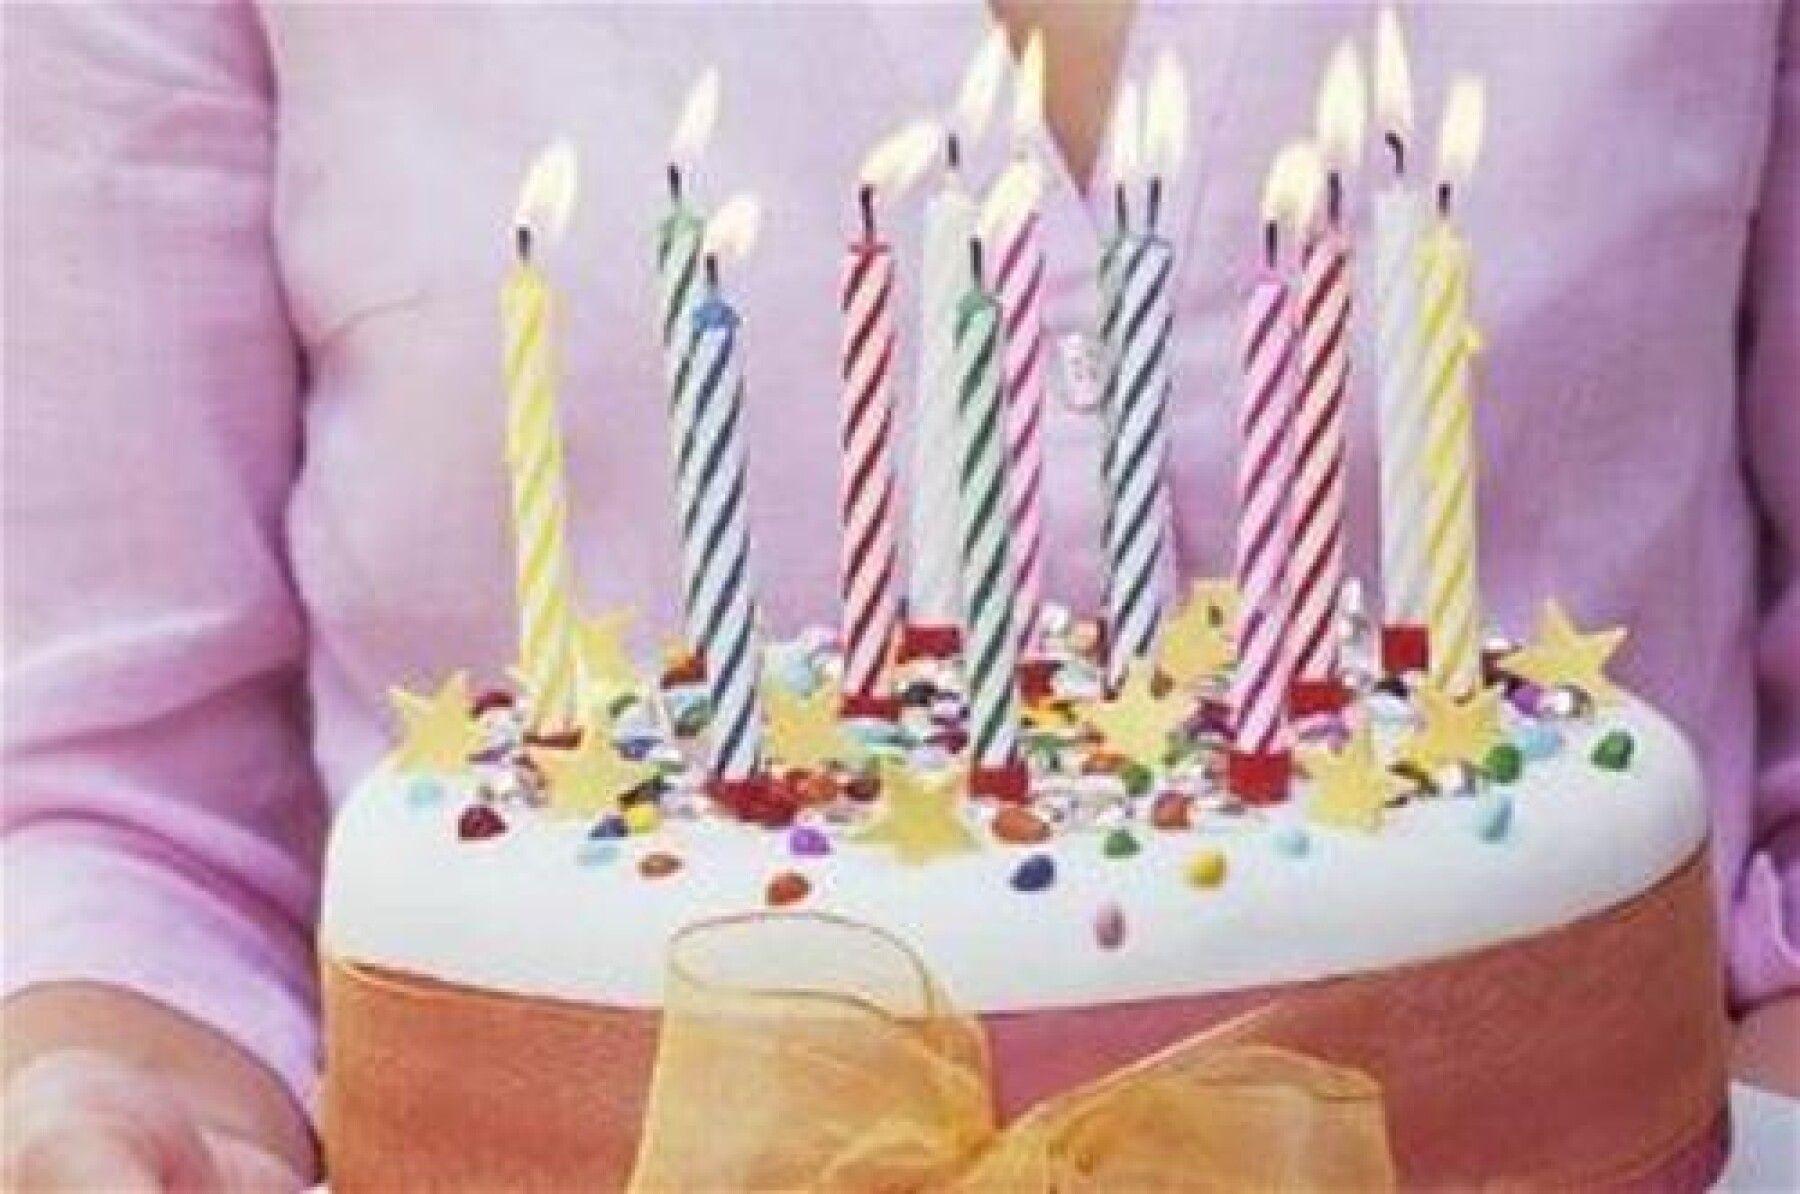 Gâteau D'Anniversaire Avec Bougies à Gateau Anniversaire 3 Bougies